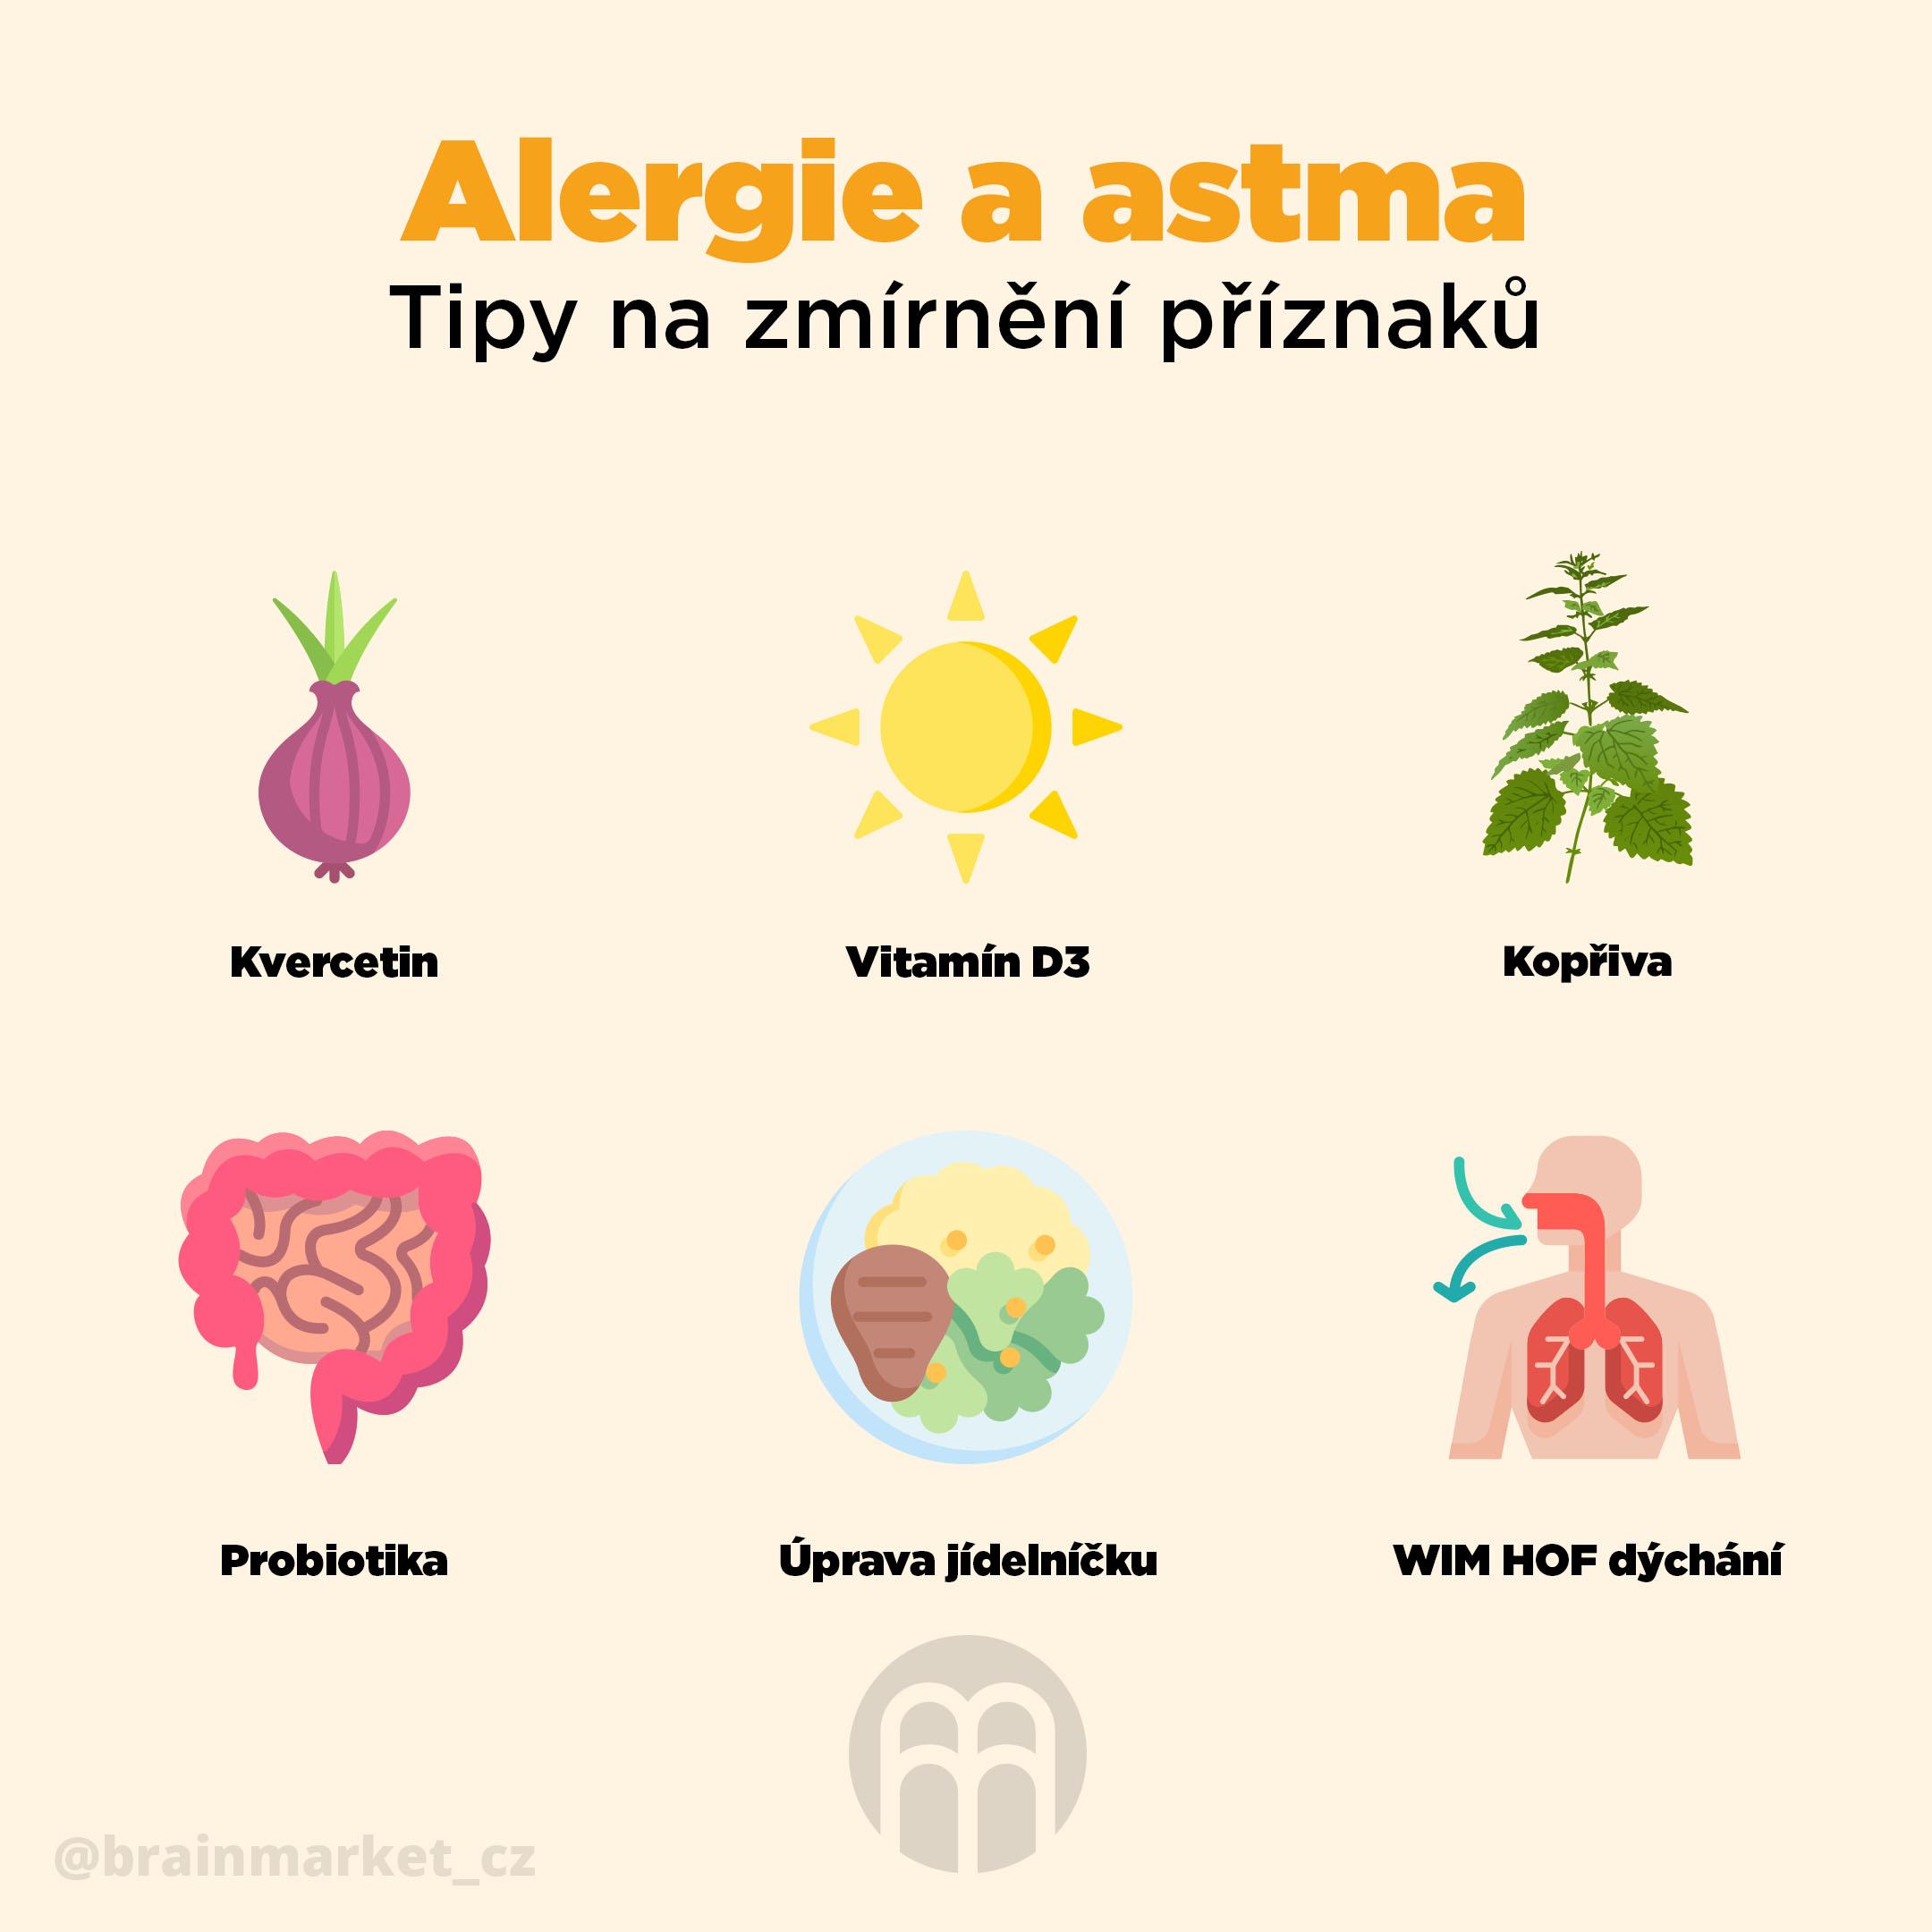 alergie_a_astma_Infografika-BrainMarket_CZ